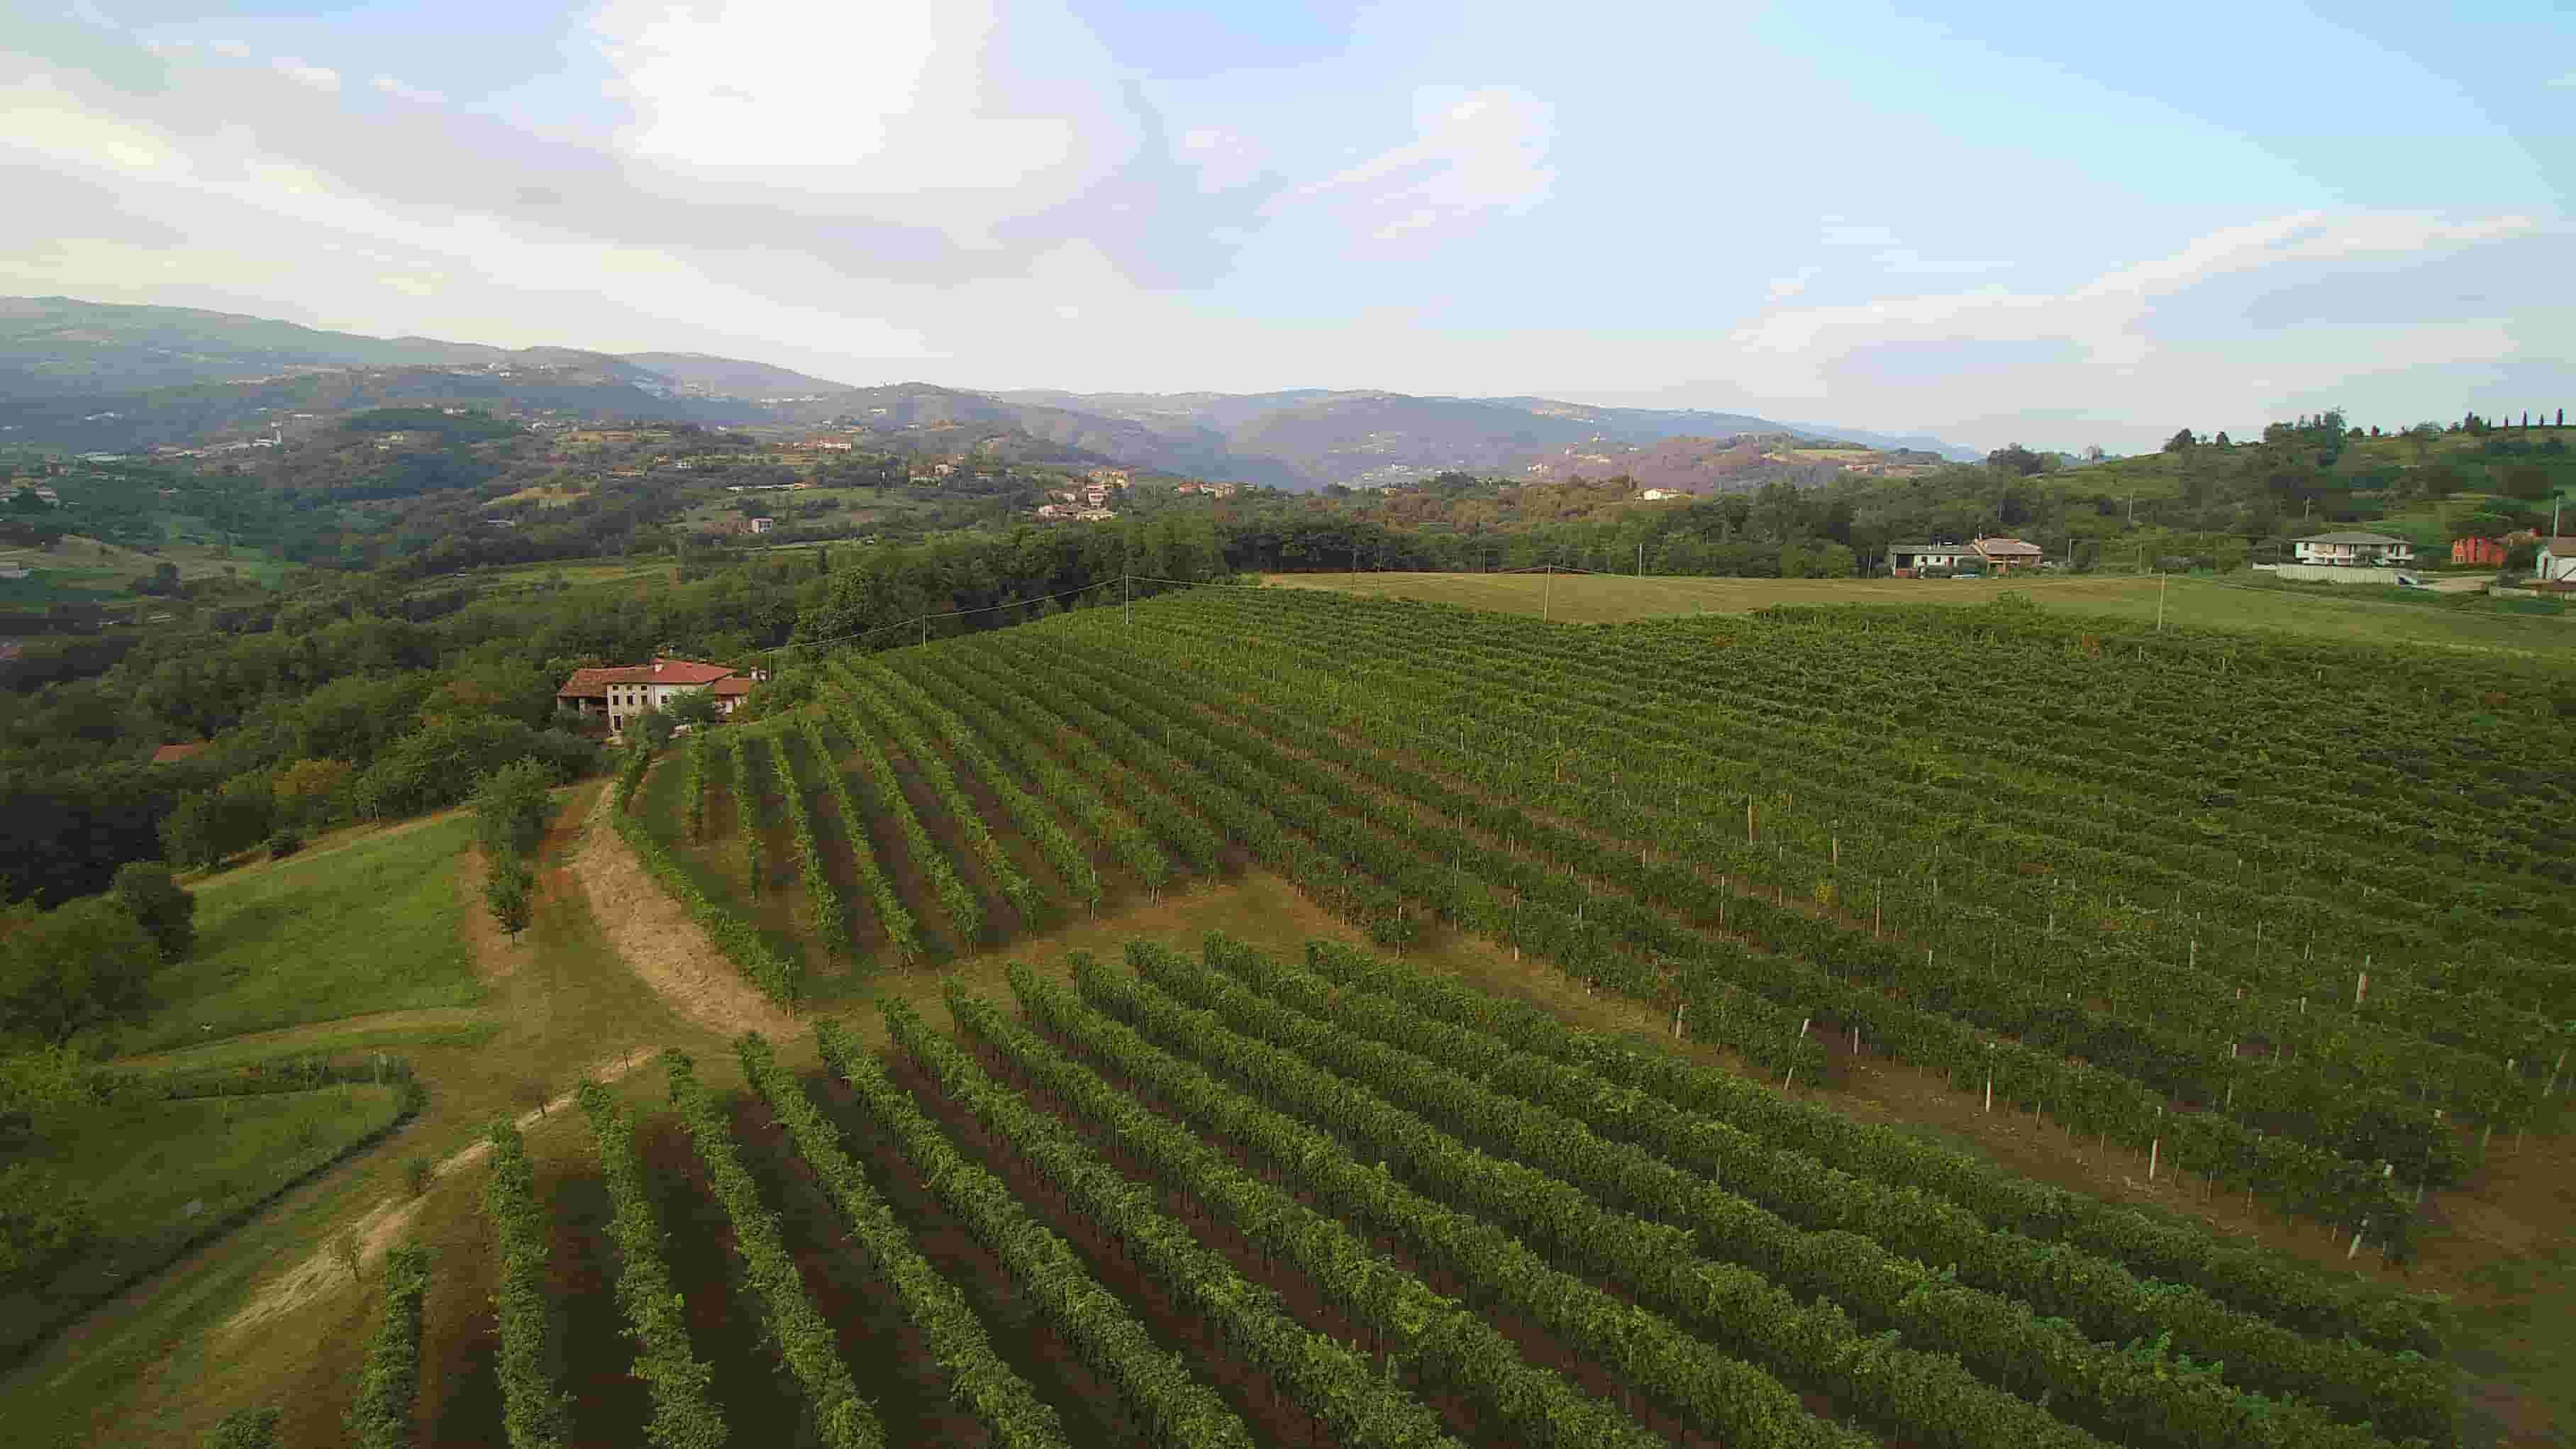 Vigneto-sulle-colline-di-Breganze-Azienda-Vitacchio-Emilio- Vespaiolona 2019